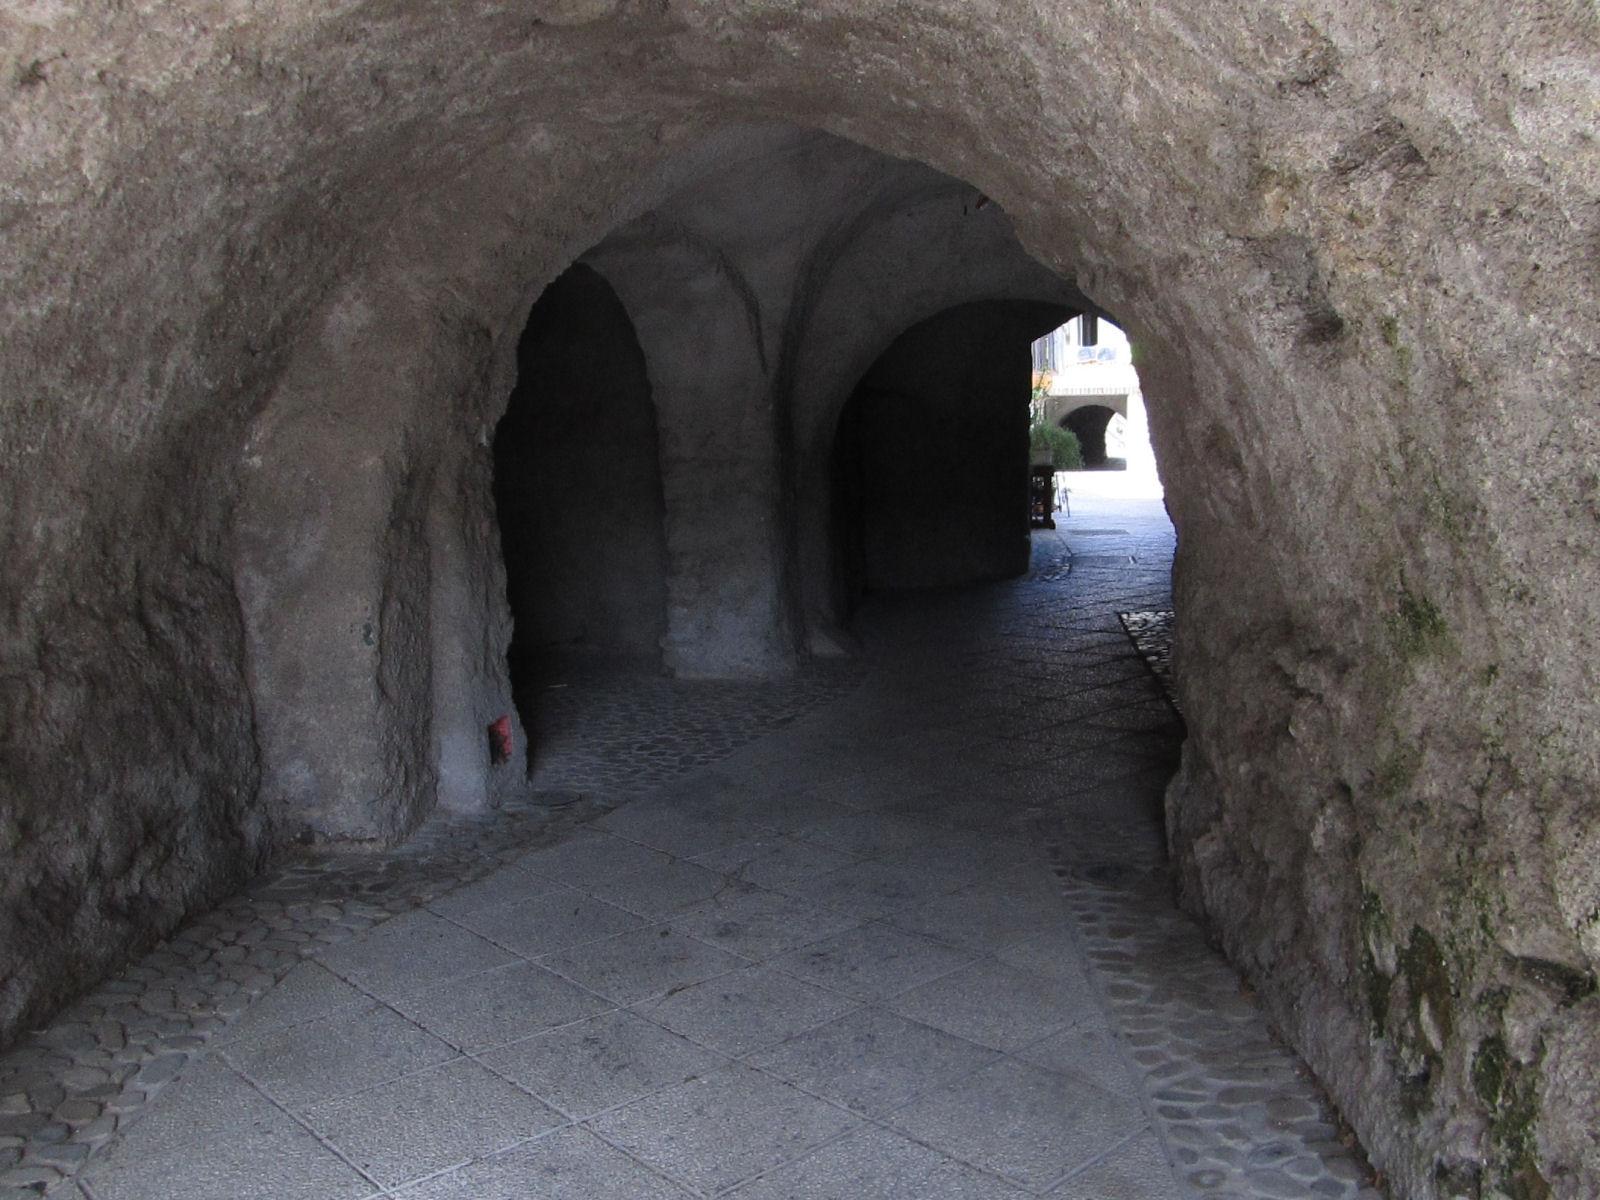 radovljica-medieval-old-town-8450